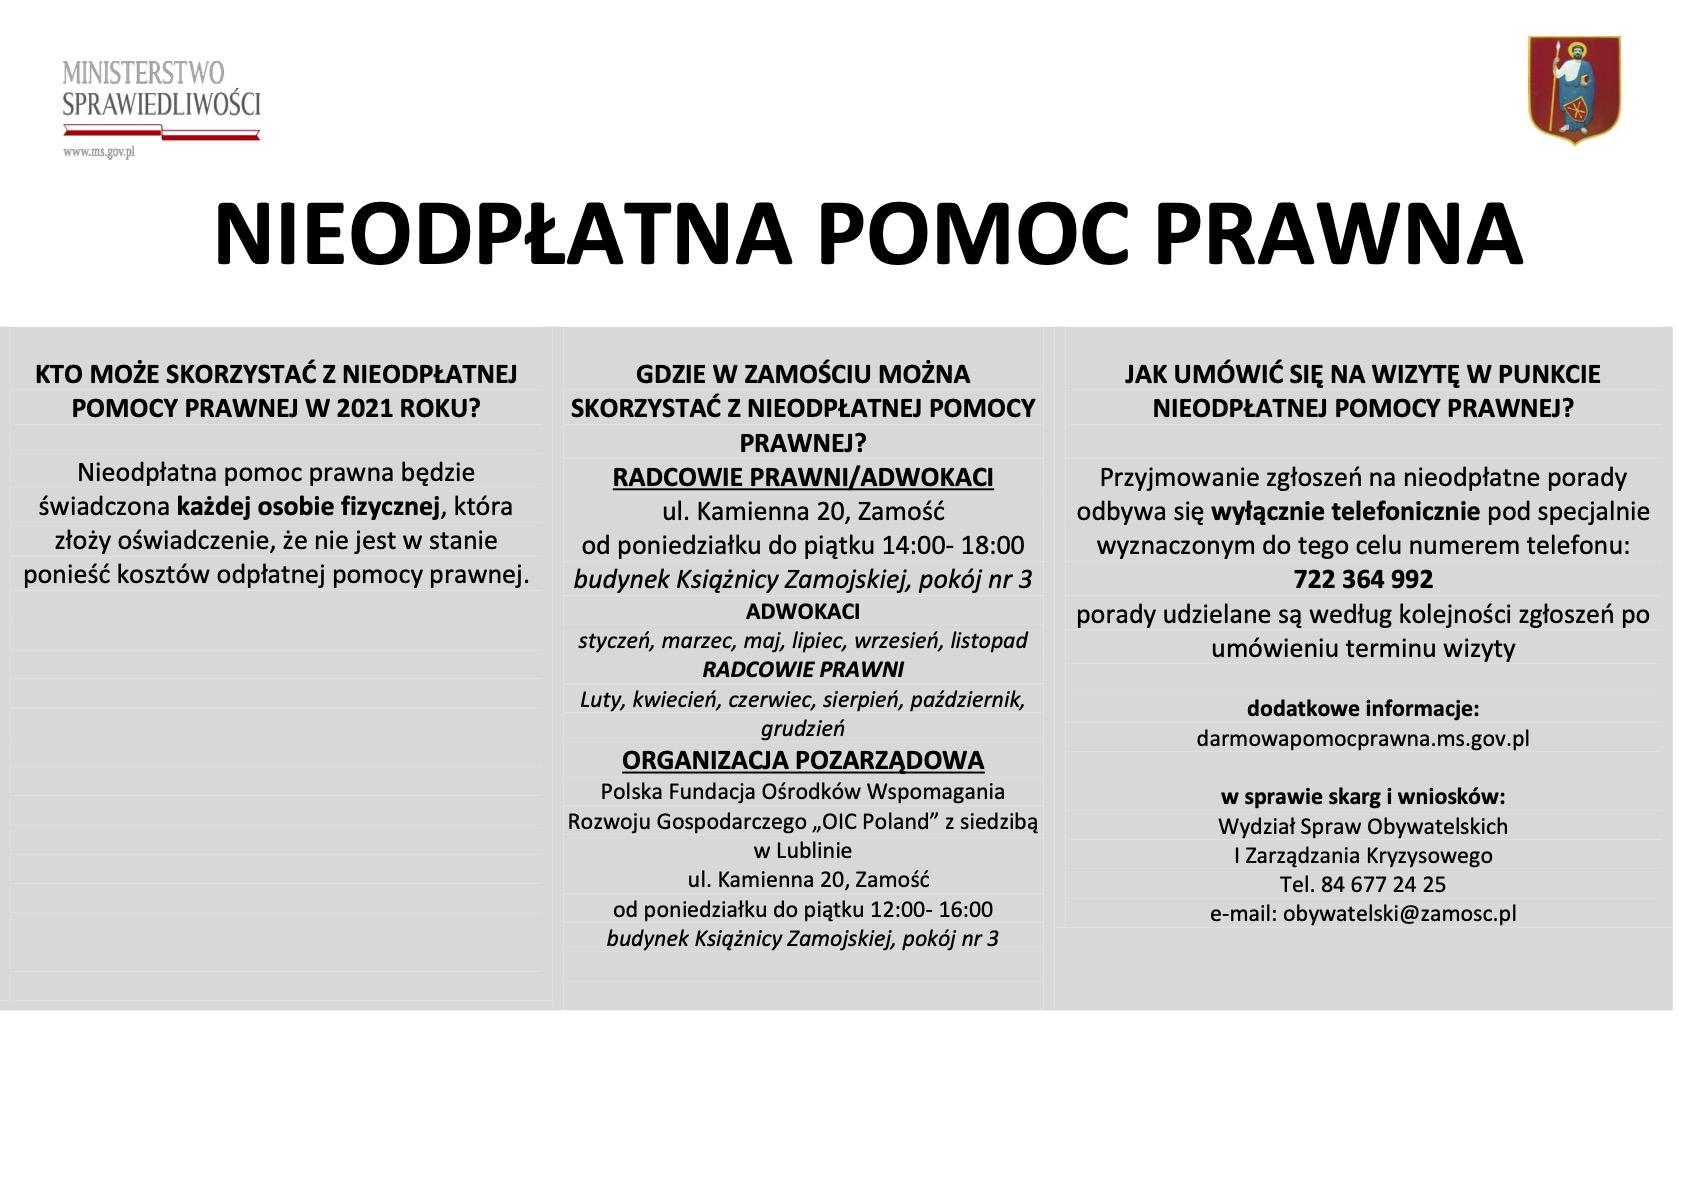 nieodplatna pomoc prawna plakat informacyjny ZAMOŚĆ: Porady prawne tylko z wykorzystaniem środków porozumiewania się na odległość